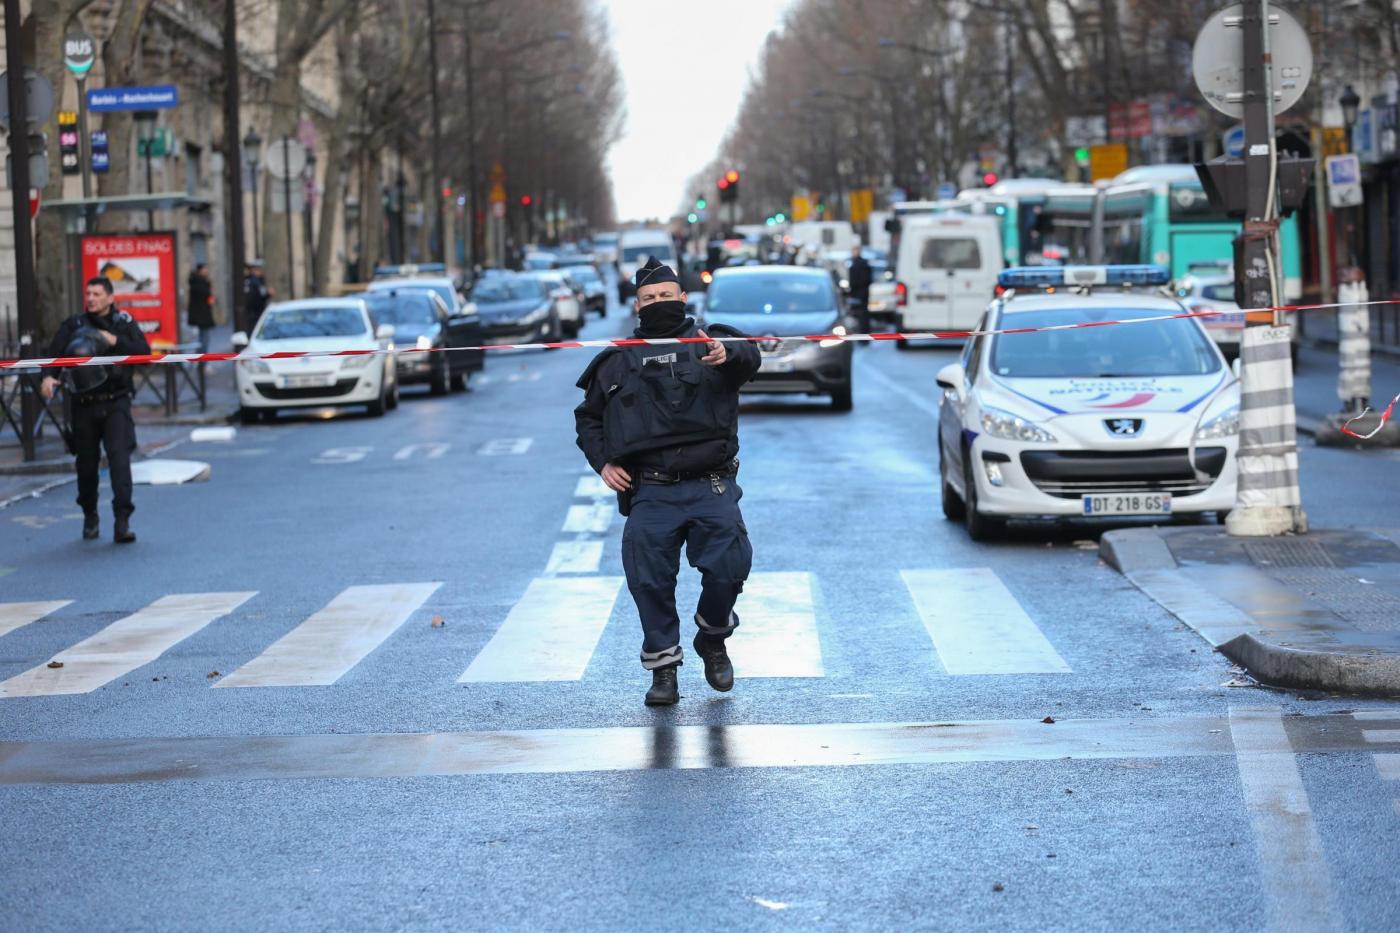 Anniversario Charlie Hebdo. Hollande: